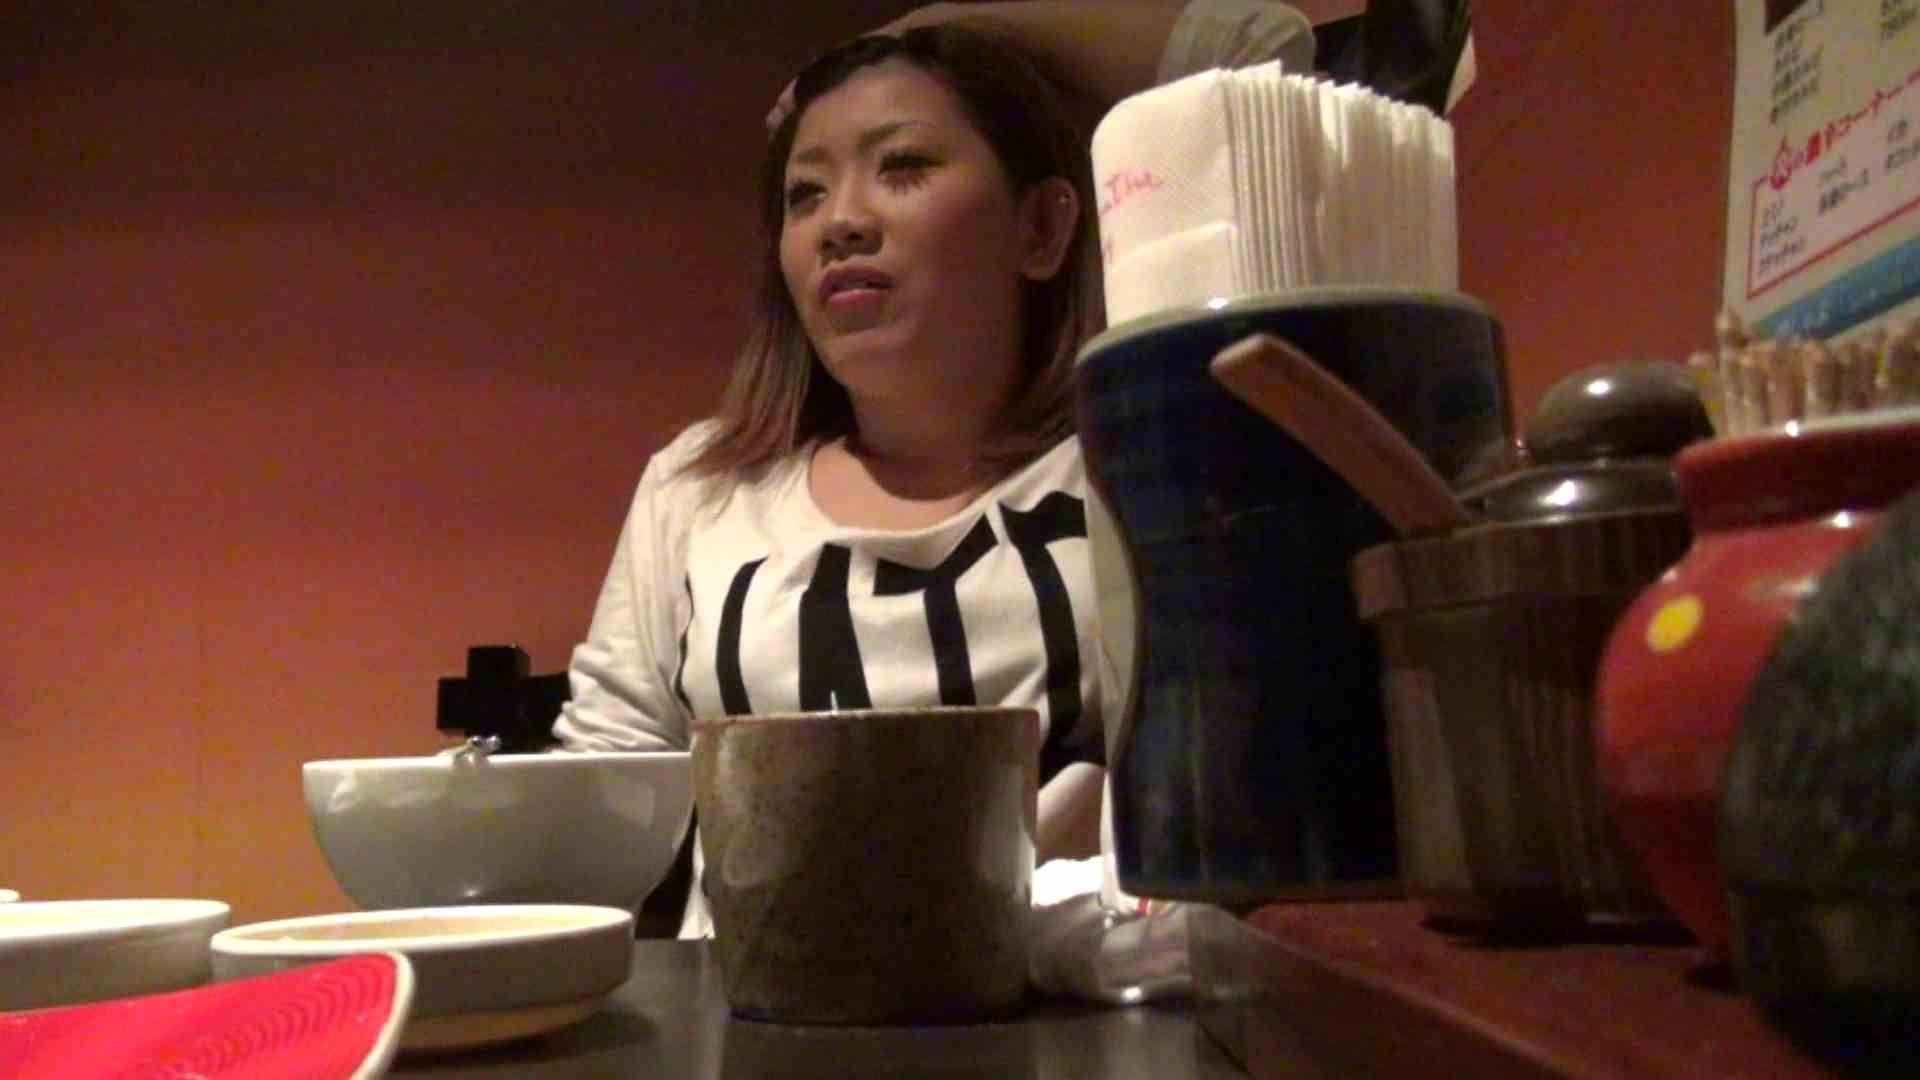 【出会い01】大助さんMちゃんと食事会 友人 | 悪戯  74連発 49